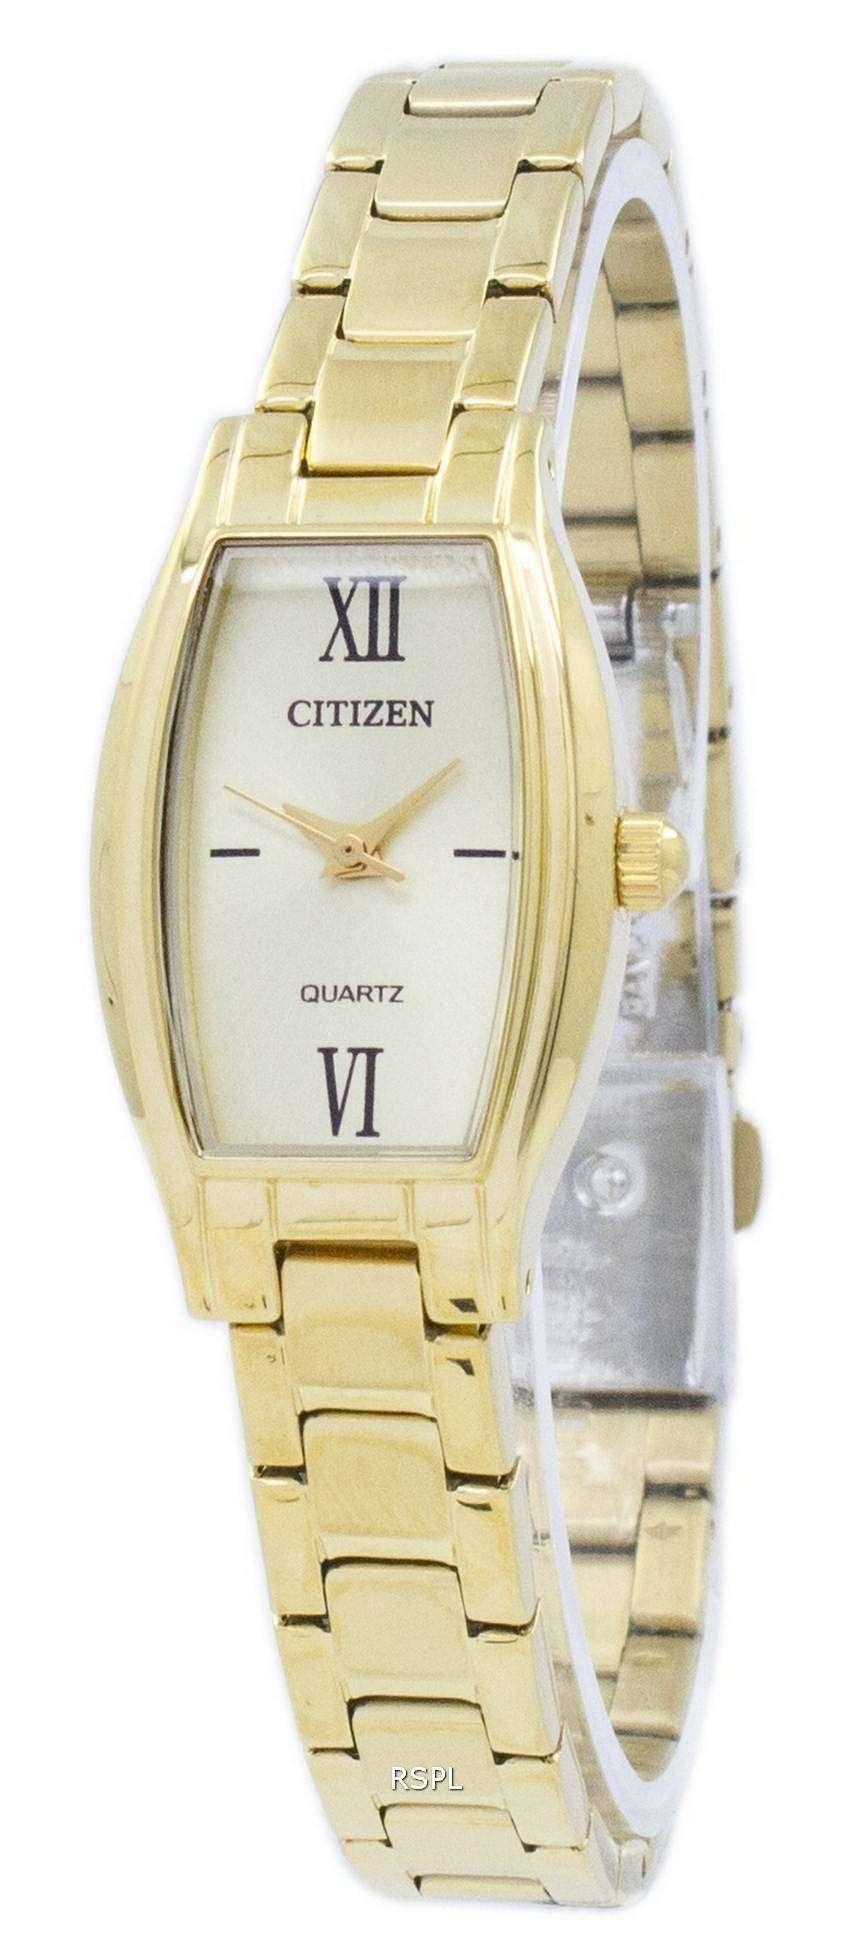 シチズンクォーツ アナログ 52-p EJ6112 レディース腕時計